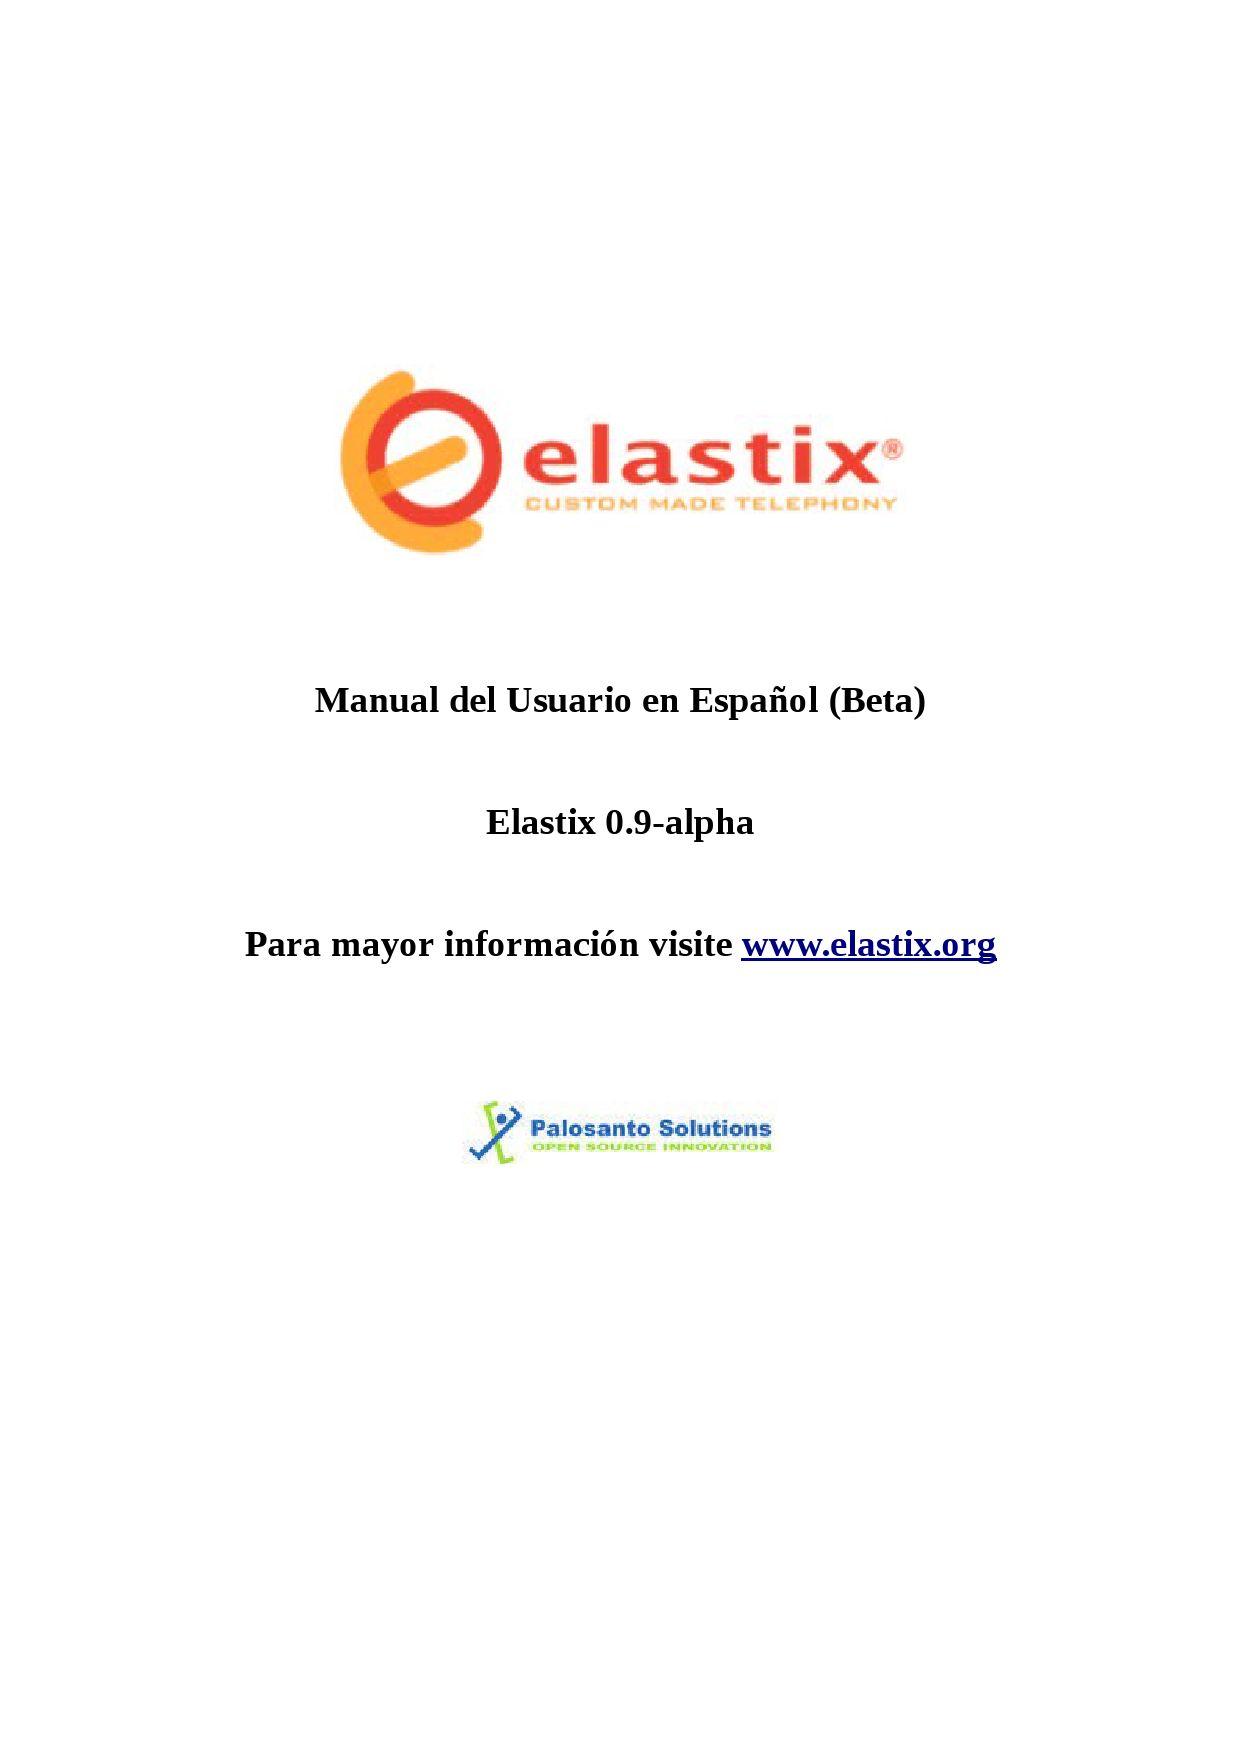 Instalacion de elastix.